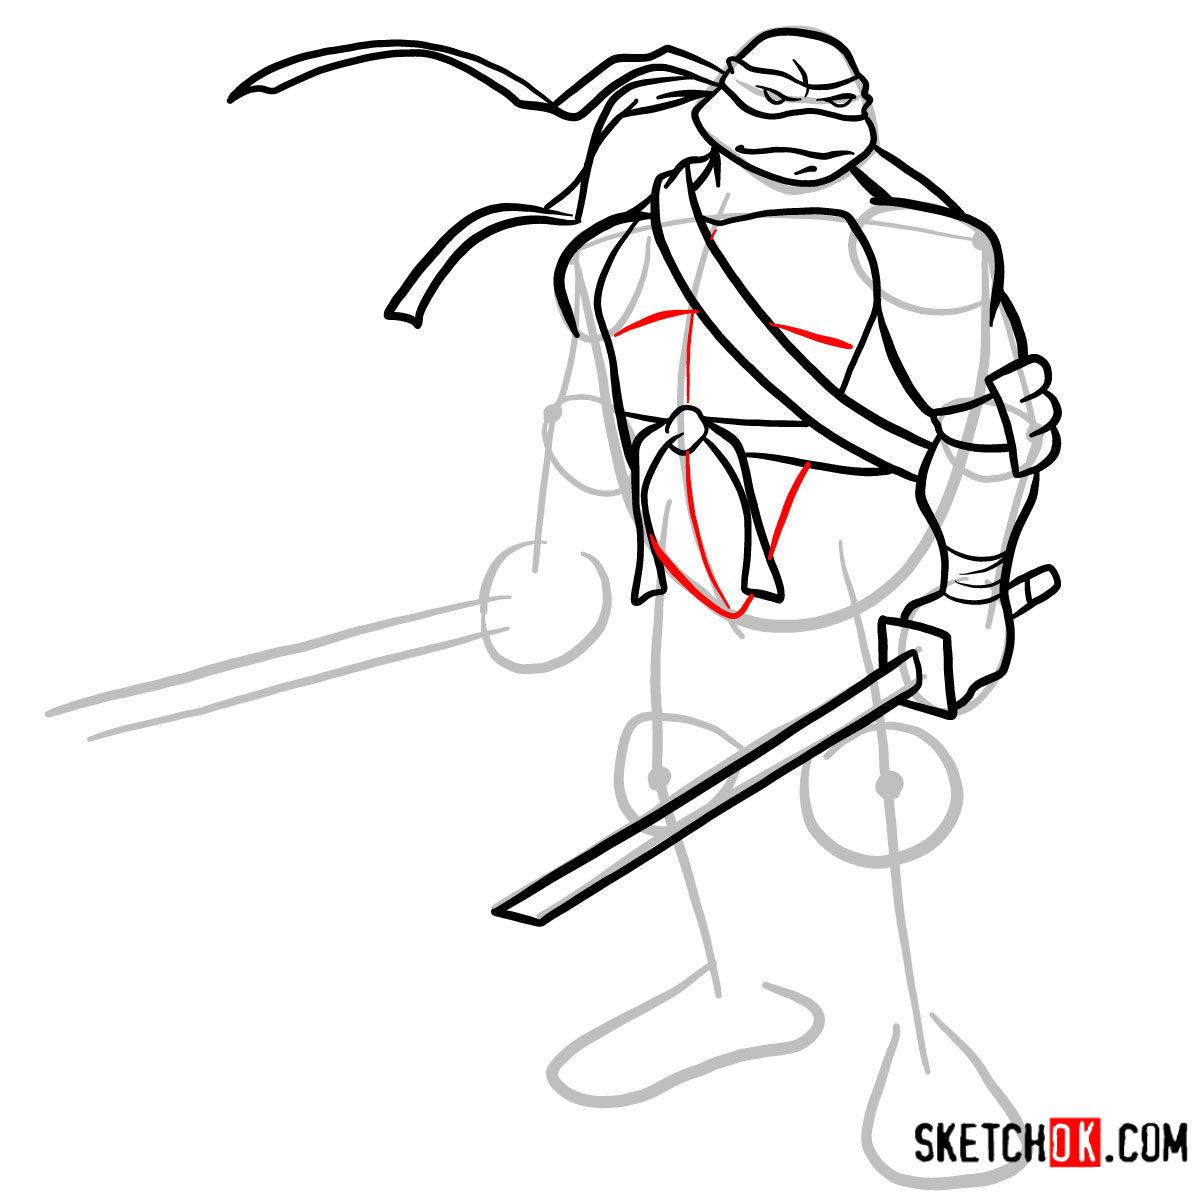 How to draw Leonardo with Ninjatos | TMNT - step 08